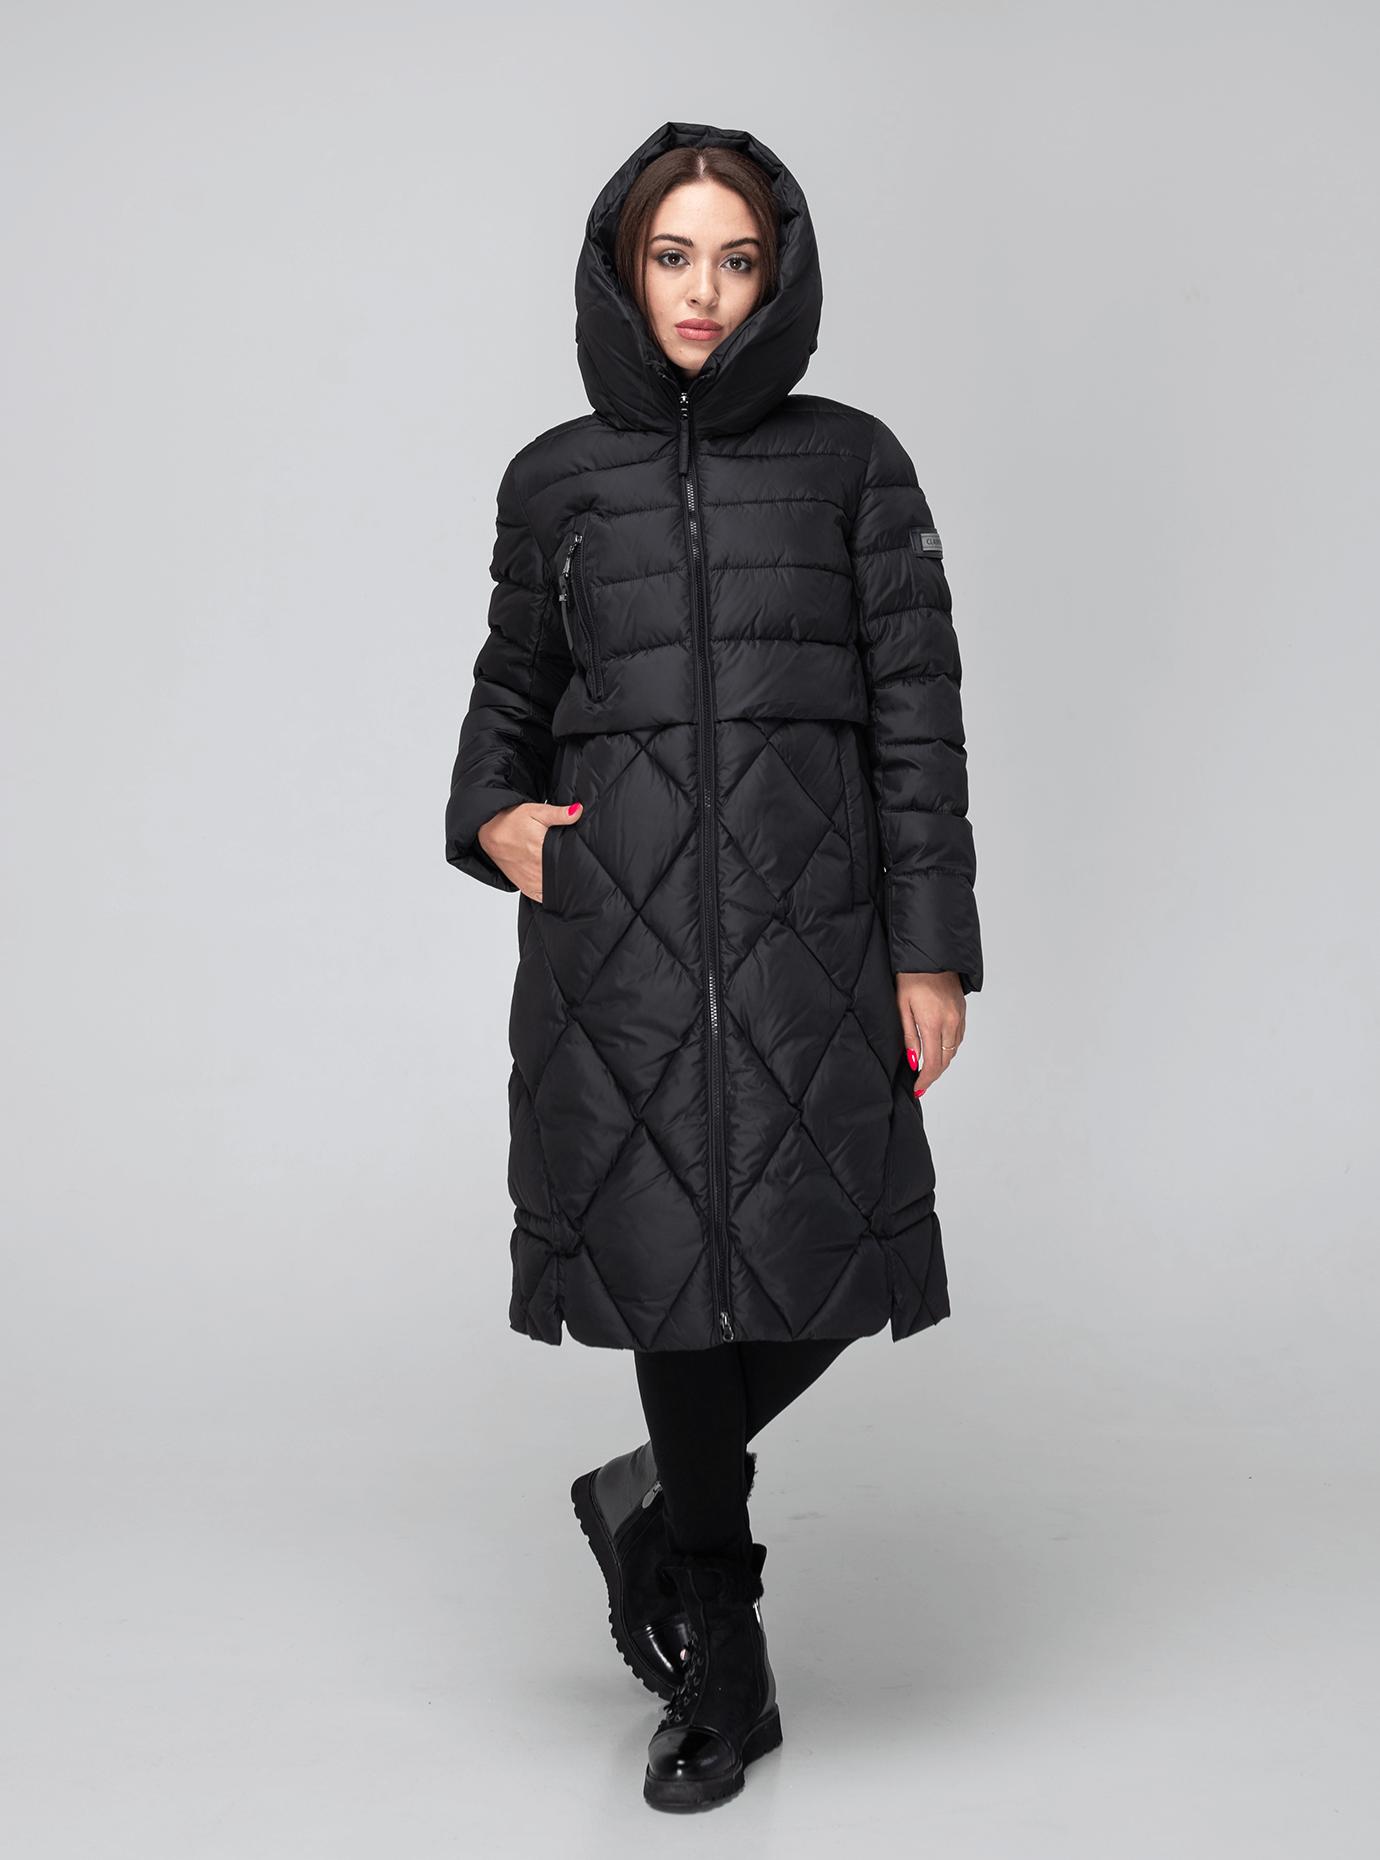 Куртка зимняя стёганая с капюшоном Чёрный S (02-190102): фото - Alster.ua